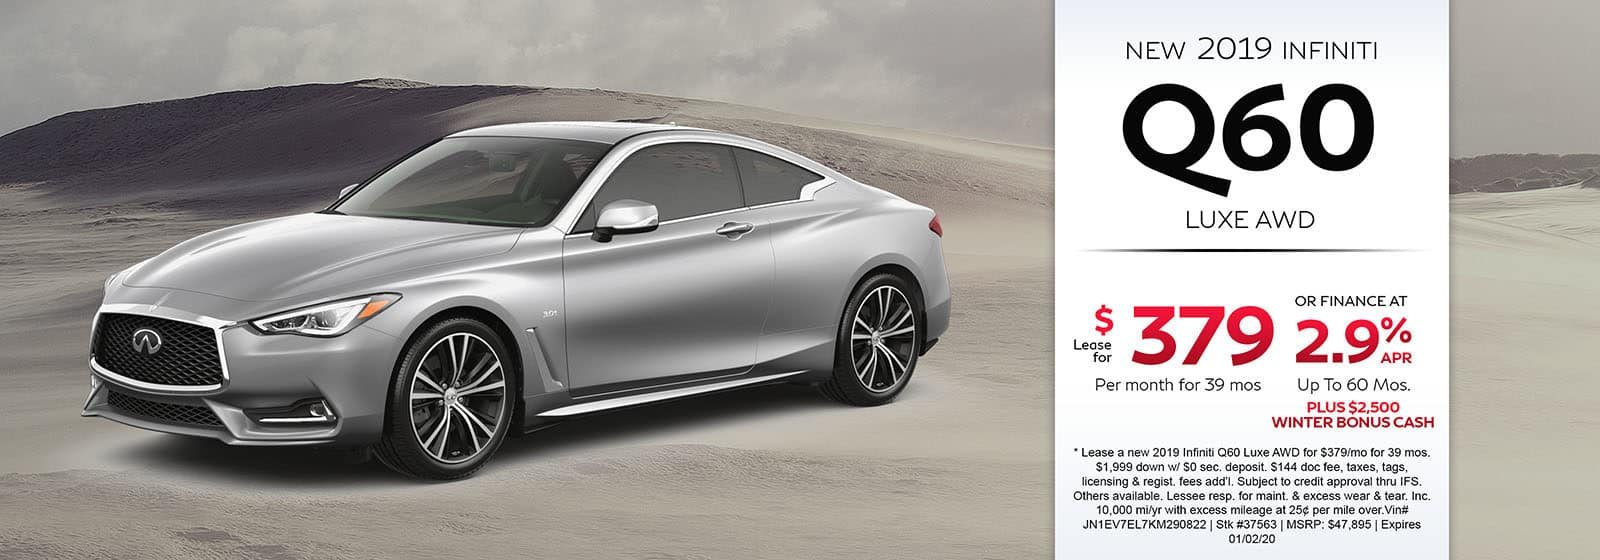 2019 INFINITI Q60 Luxe AWD